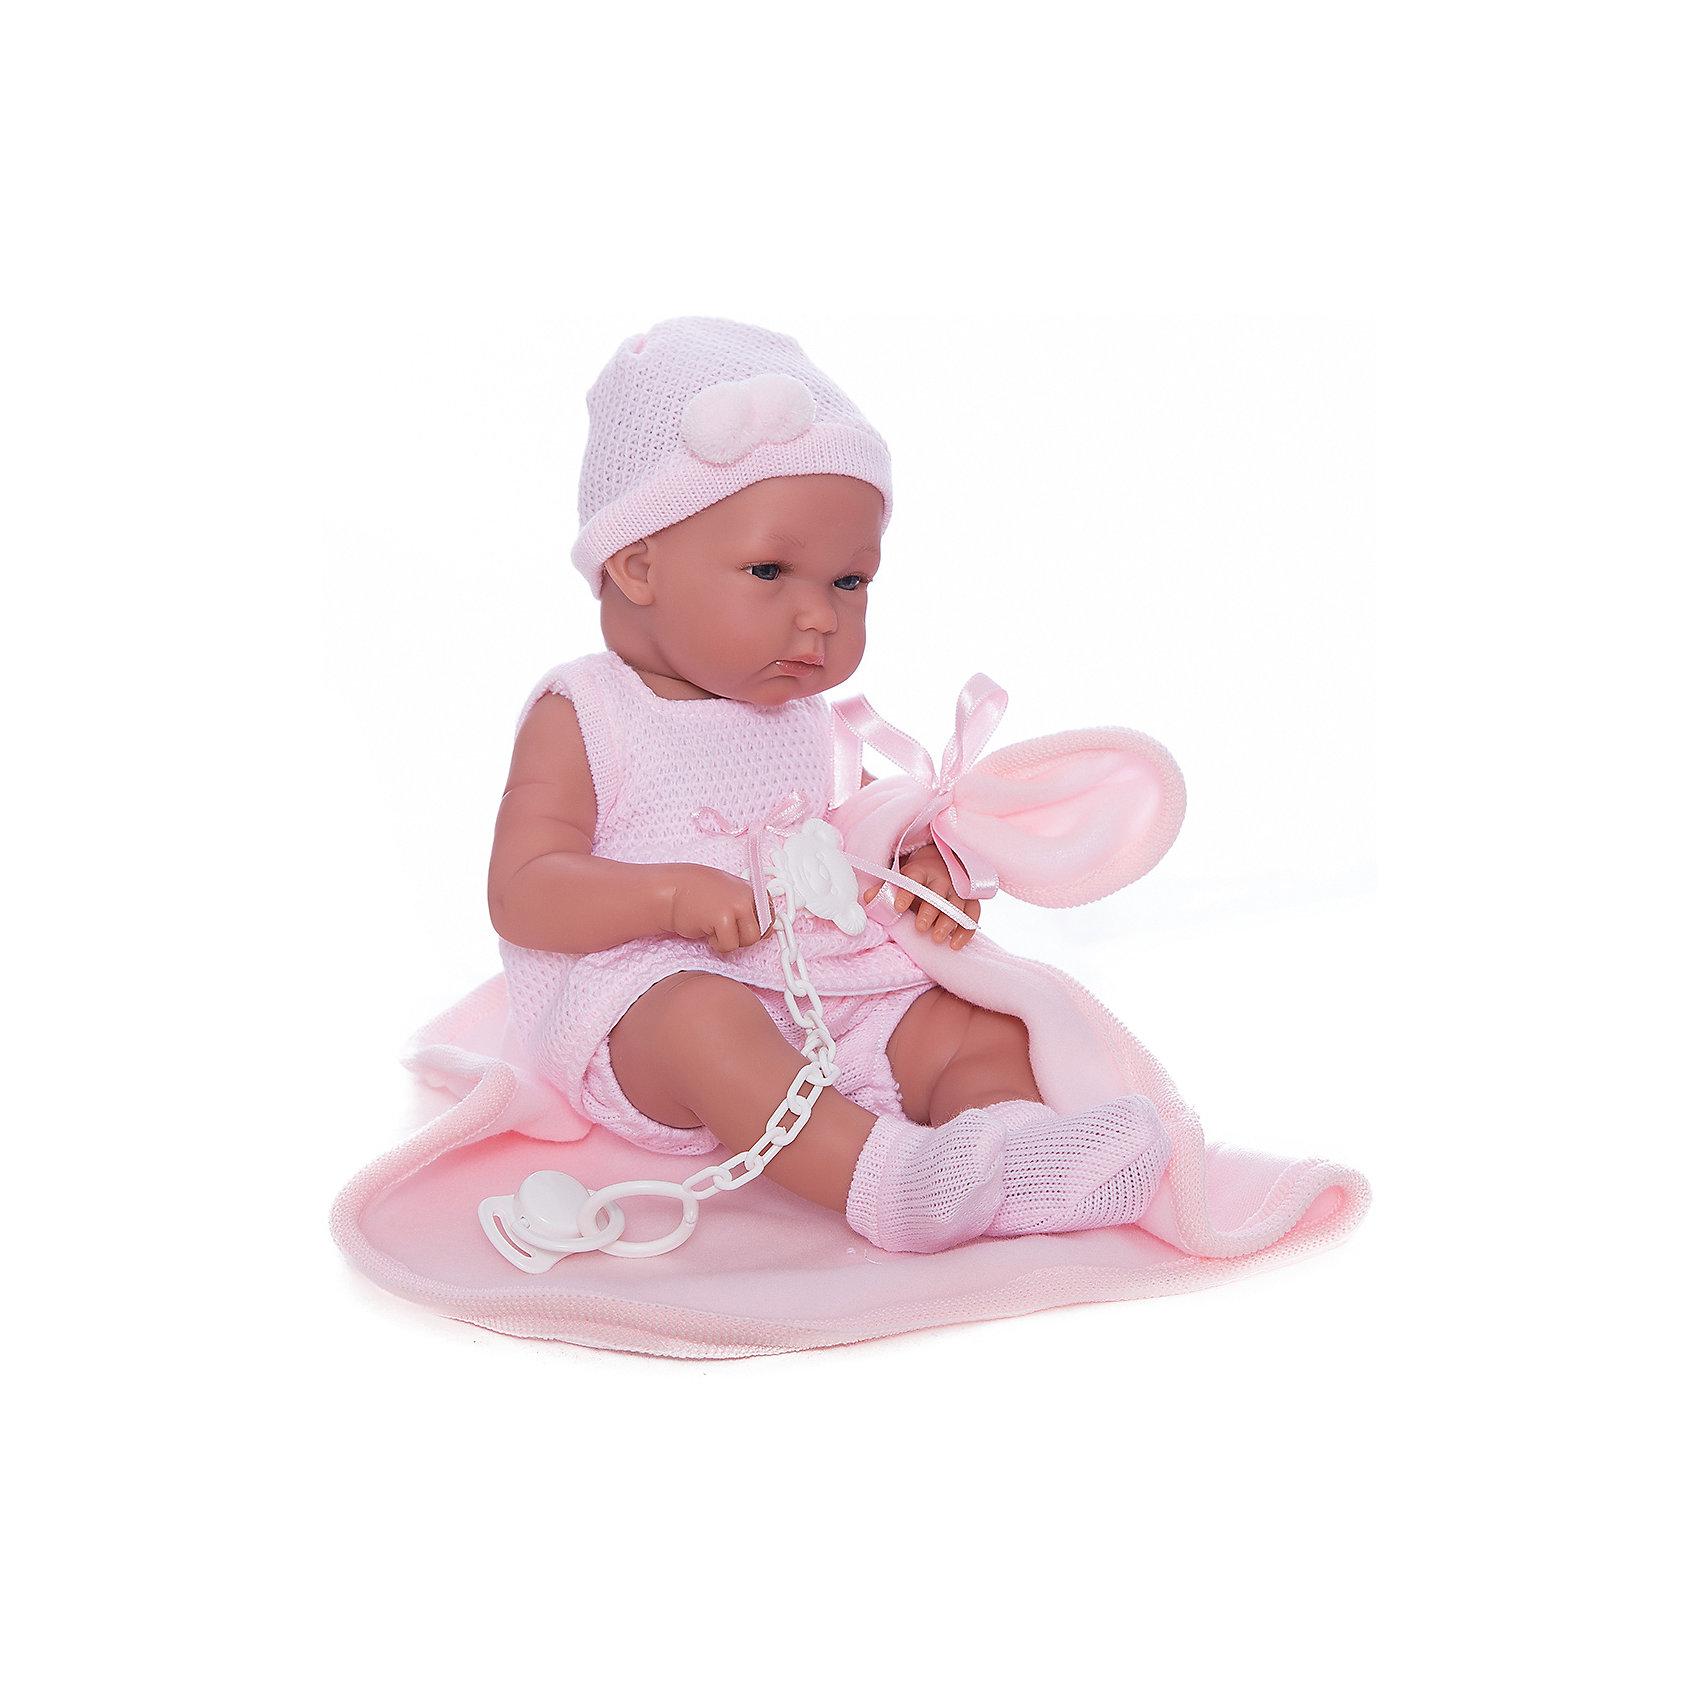 Кукла Бимбас одеялом, 35 см, LlorensКлассические куклы<br>Характеристики:<br><br>• Предназначение: для сюжетно-ролевых игр<br>• Тип куклы: мягконабивная<br>• Пол куклы: девочка <br>• Волосы: прорисованные<br>• Материал: поливинилхлорид, пластик, текстиль<br>• Цвет: розовый<br>• Высота куклы: 35 см<br>• Комплектация: кукла, платье, чепчик, носочки, одеяло<br>• Вес: 1 кг 200 г<br>• Размеры упаковки (Д*В*Ш): 22*44*10 см<br>• Упаковка: подарочная картонная коробка <br>• Особенности ухода: допускается деликатная стирка без использования красящих и отбеливающих средств предметов одежды куклы<br><br>Кукла Бимба 35 см с одеялом – пупс, производителем которого является всемирно известный испанский кукольный бренд Llorens. Куклы этой торговой марки имеют свою неповторимую внешность и целую линейку образов как пупсов, так и кукол-малышей. Игрушки выполнены из сочетания поливинилхлорида и пластика, что позволяет с высокой долей достоверности воссоздать физиологические и мимические особенности маленьких детей. При изготовлении кукол Llorens используются только сертифицированные материалы, безопасные и не вызывающие аллергических реакций. Волосы у кукол-пупсов прорисованные; ручки и ножки двигаются.<br>Кукла Бимба 35 см с одеялом выполнена в образе очаровательной малышки: голубые глазки и пухлые щечки создают невероятно очаровательный и милый образ. В комплект одежды Бимбы входит розовое платьице без рукавов, чепчик и носочки. В наборе имеется одеяло-плед.<br>Кукла Бимба 35 см с одеялом – это идеальный вариант для подарка к различным праздникам и торжествам.<br><br>Куклу Бимбу 35 см с одеялом можно купить в нашем интернет-магазине.<br><br>Ширина мм: 22<br>Глубина мм: 44<br>Высота мм: 10<br>Вес г: 1200<br>Возраст от месяцев: 36<br>Возраст до месяцев: 84<br>Пол: Женский<br>Возраст: Детский<br>SKU: 5086926